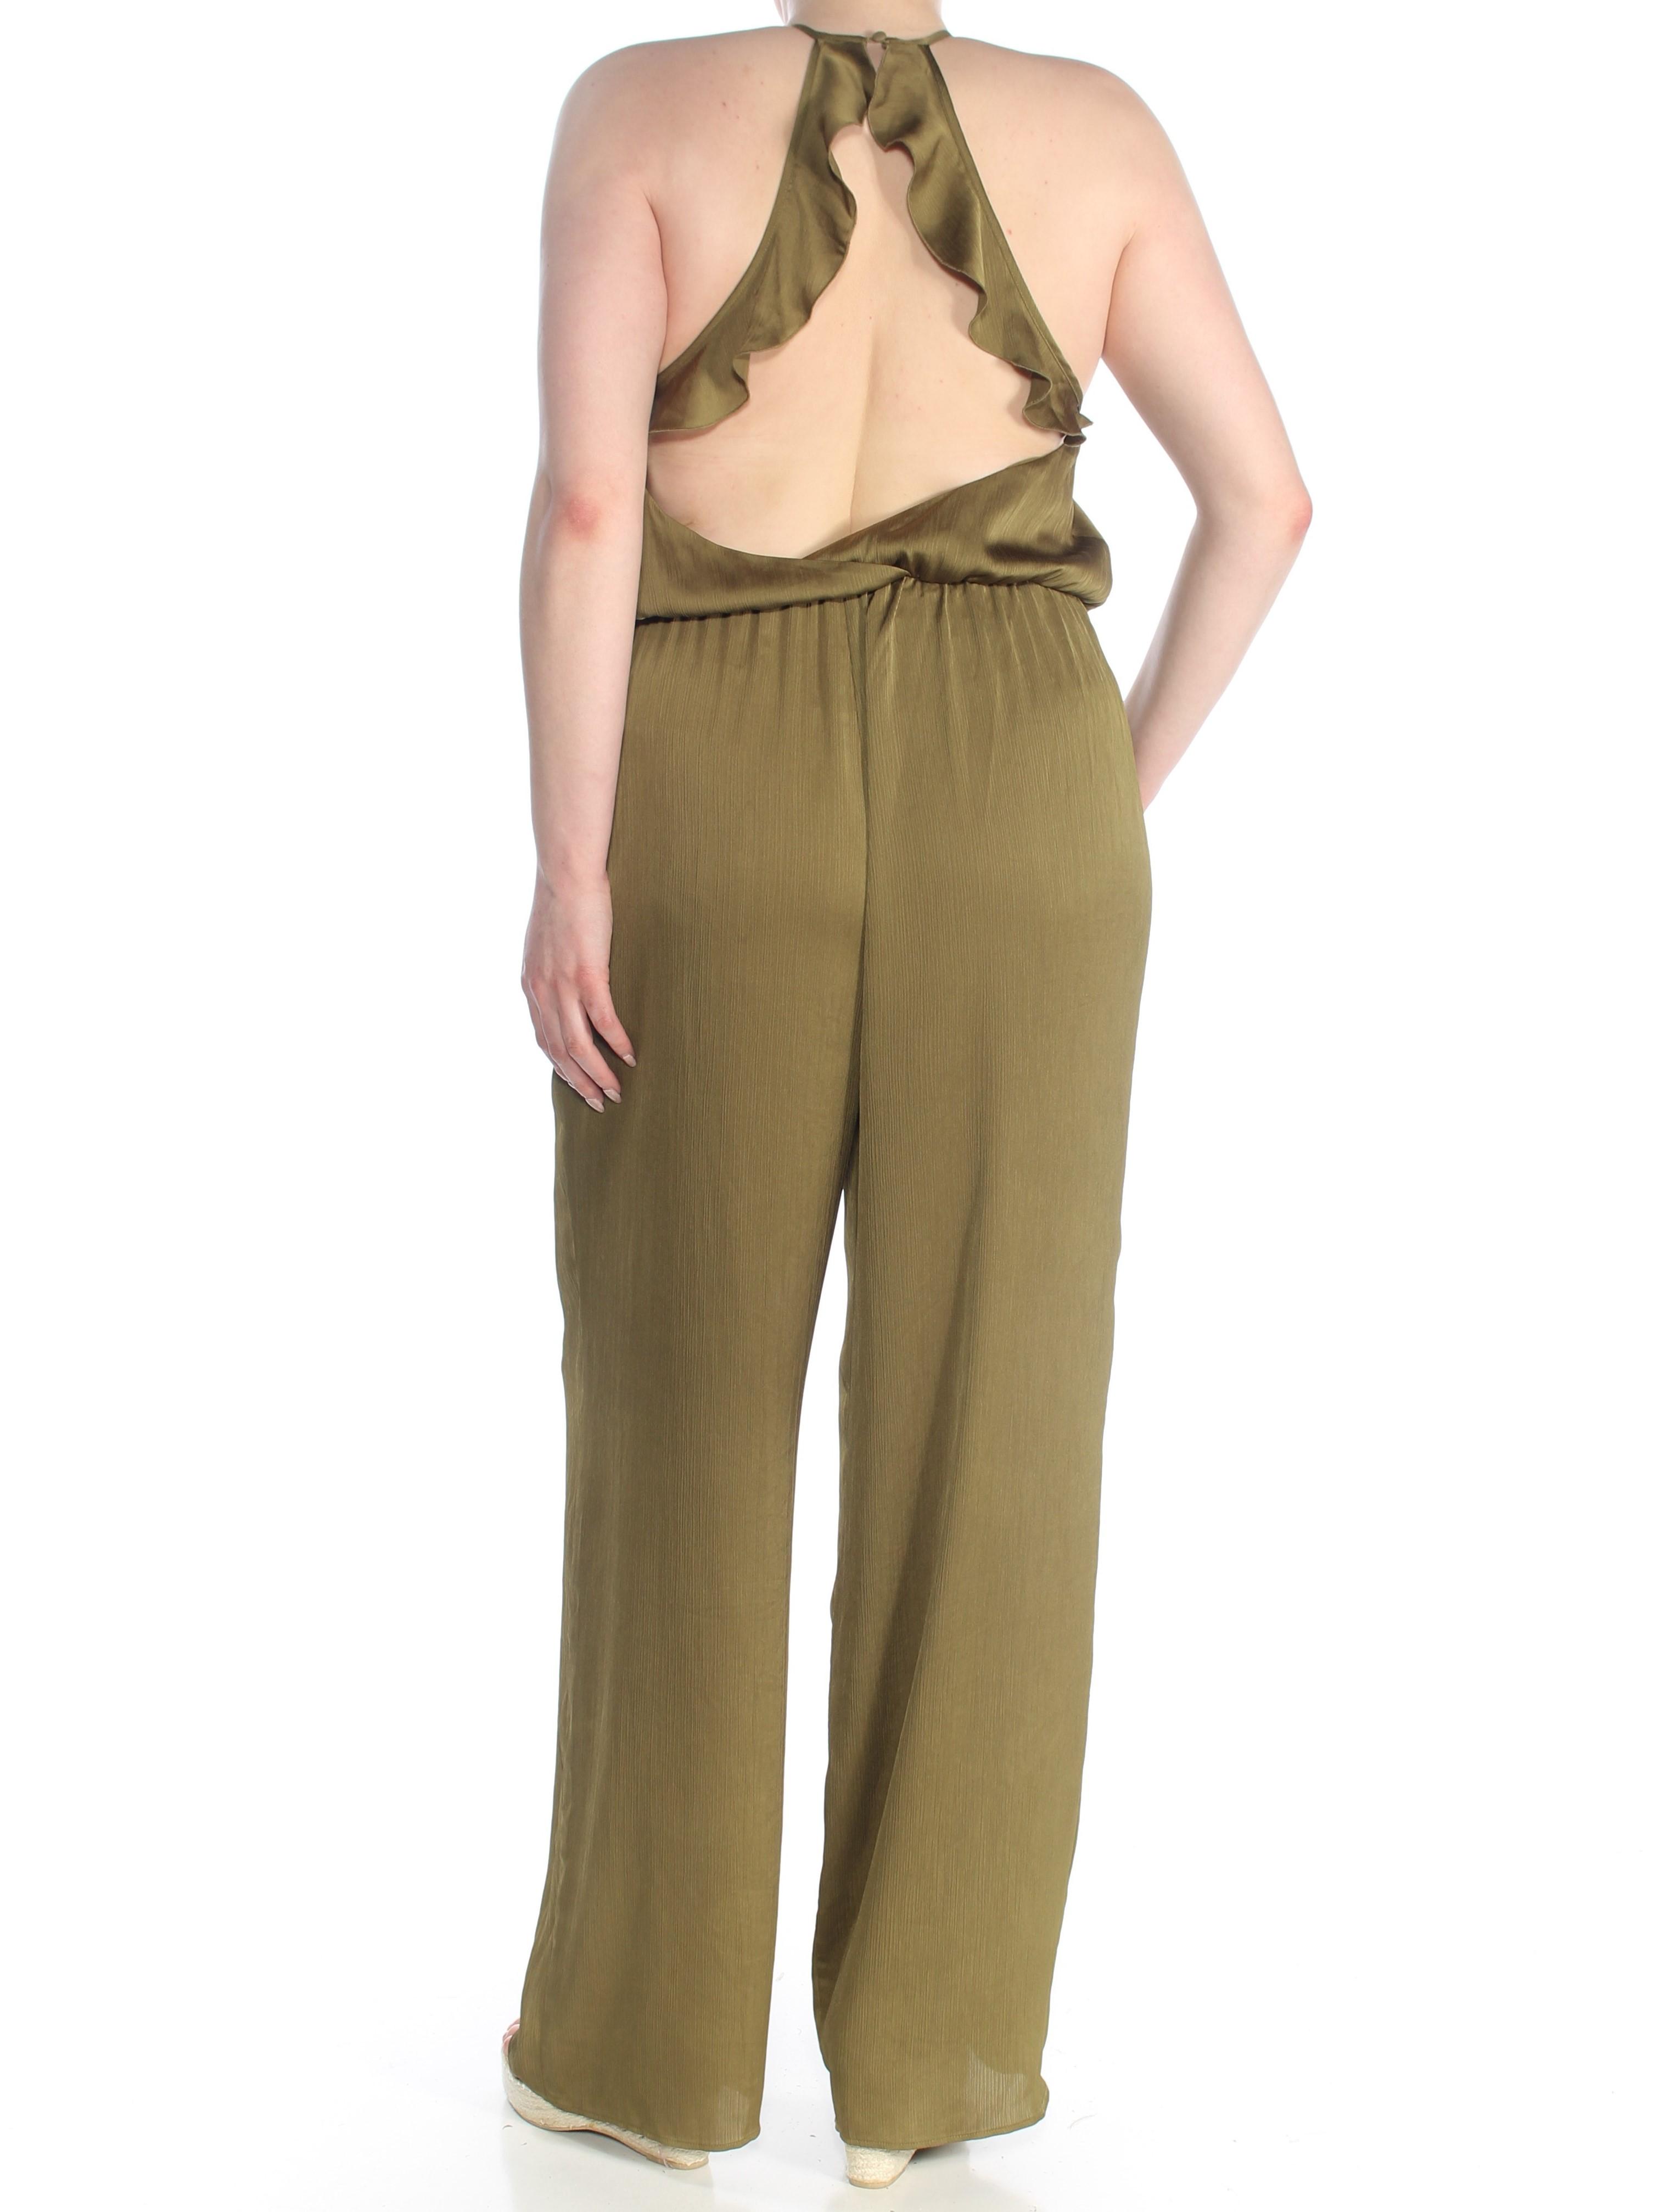 GUESS $108 Womens New 1672 Green Open Back Sleeveless Halter Jumpsuit XL B+B